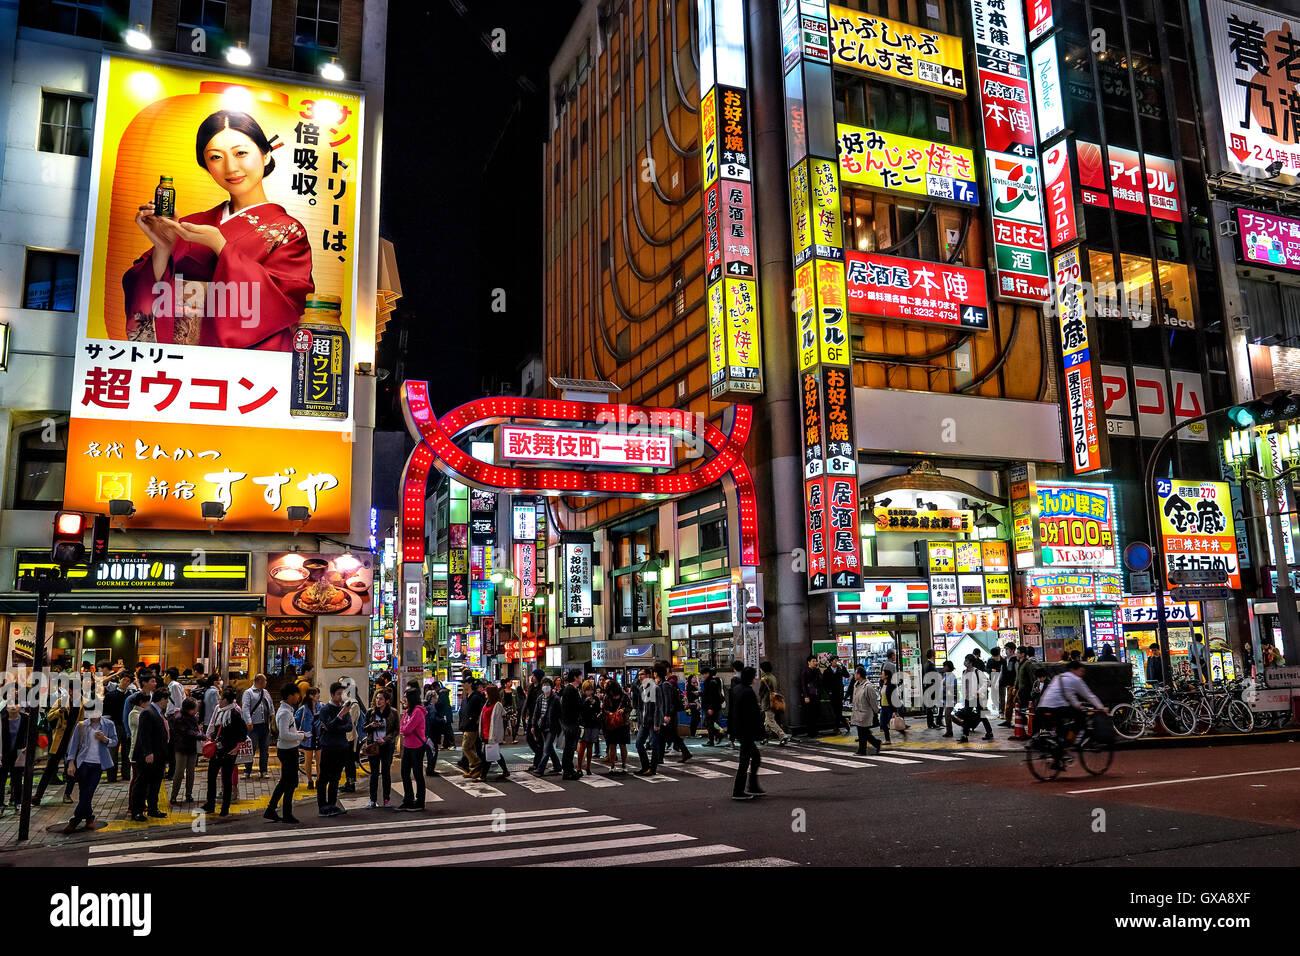 La isla de Japón, Honshu, Kanto, Tokio, distrito Kabukicho. Imagen De Stock